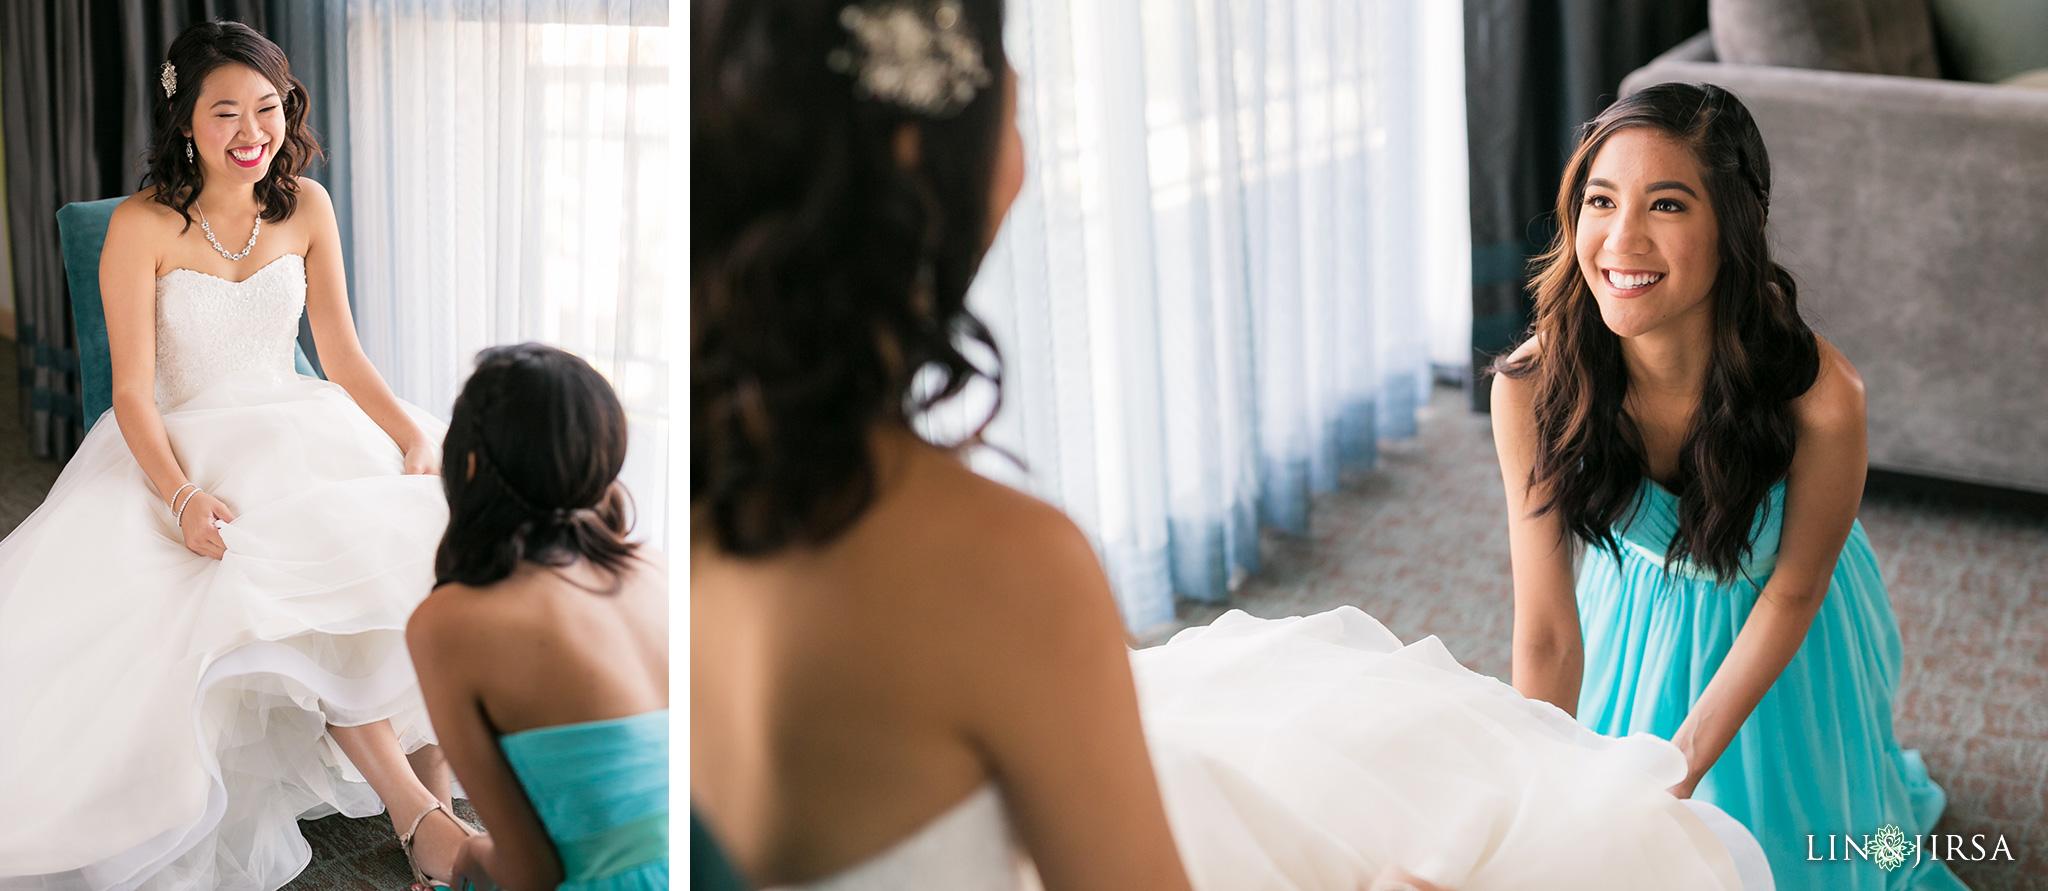 05-richard-nixon-libary-wedding-photography